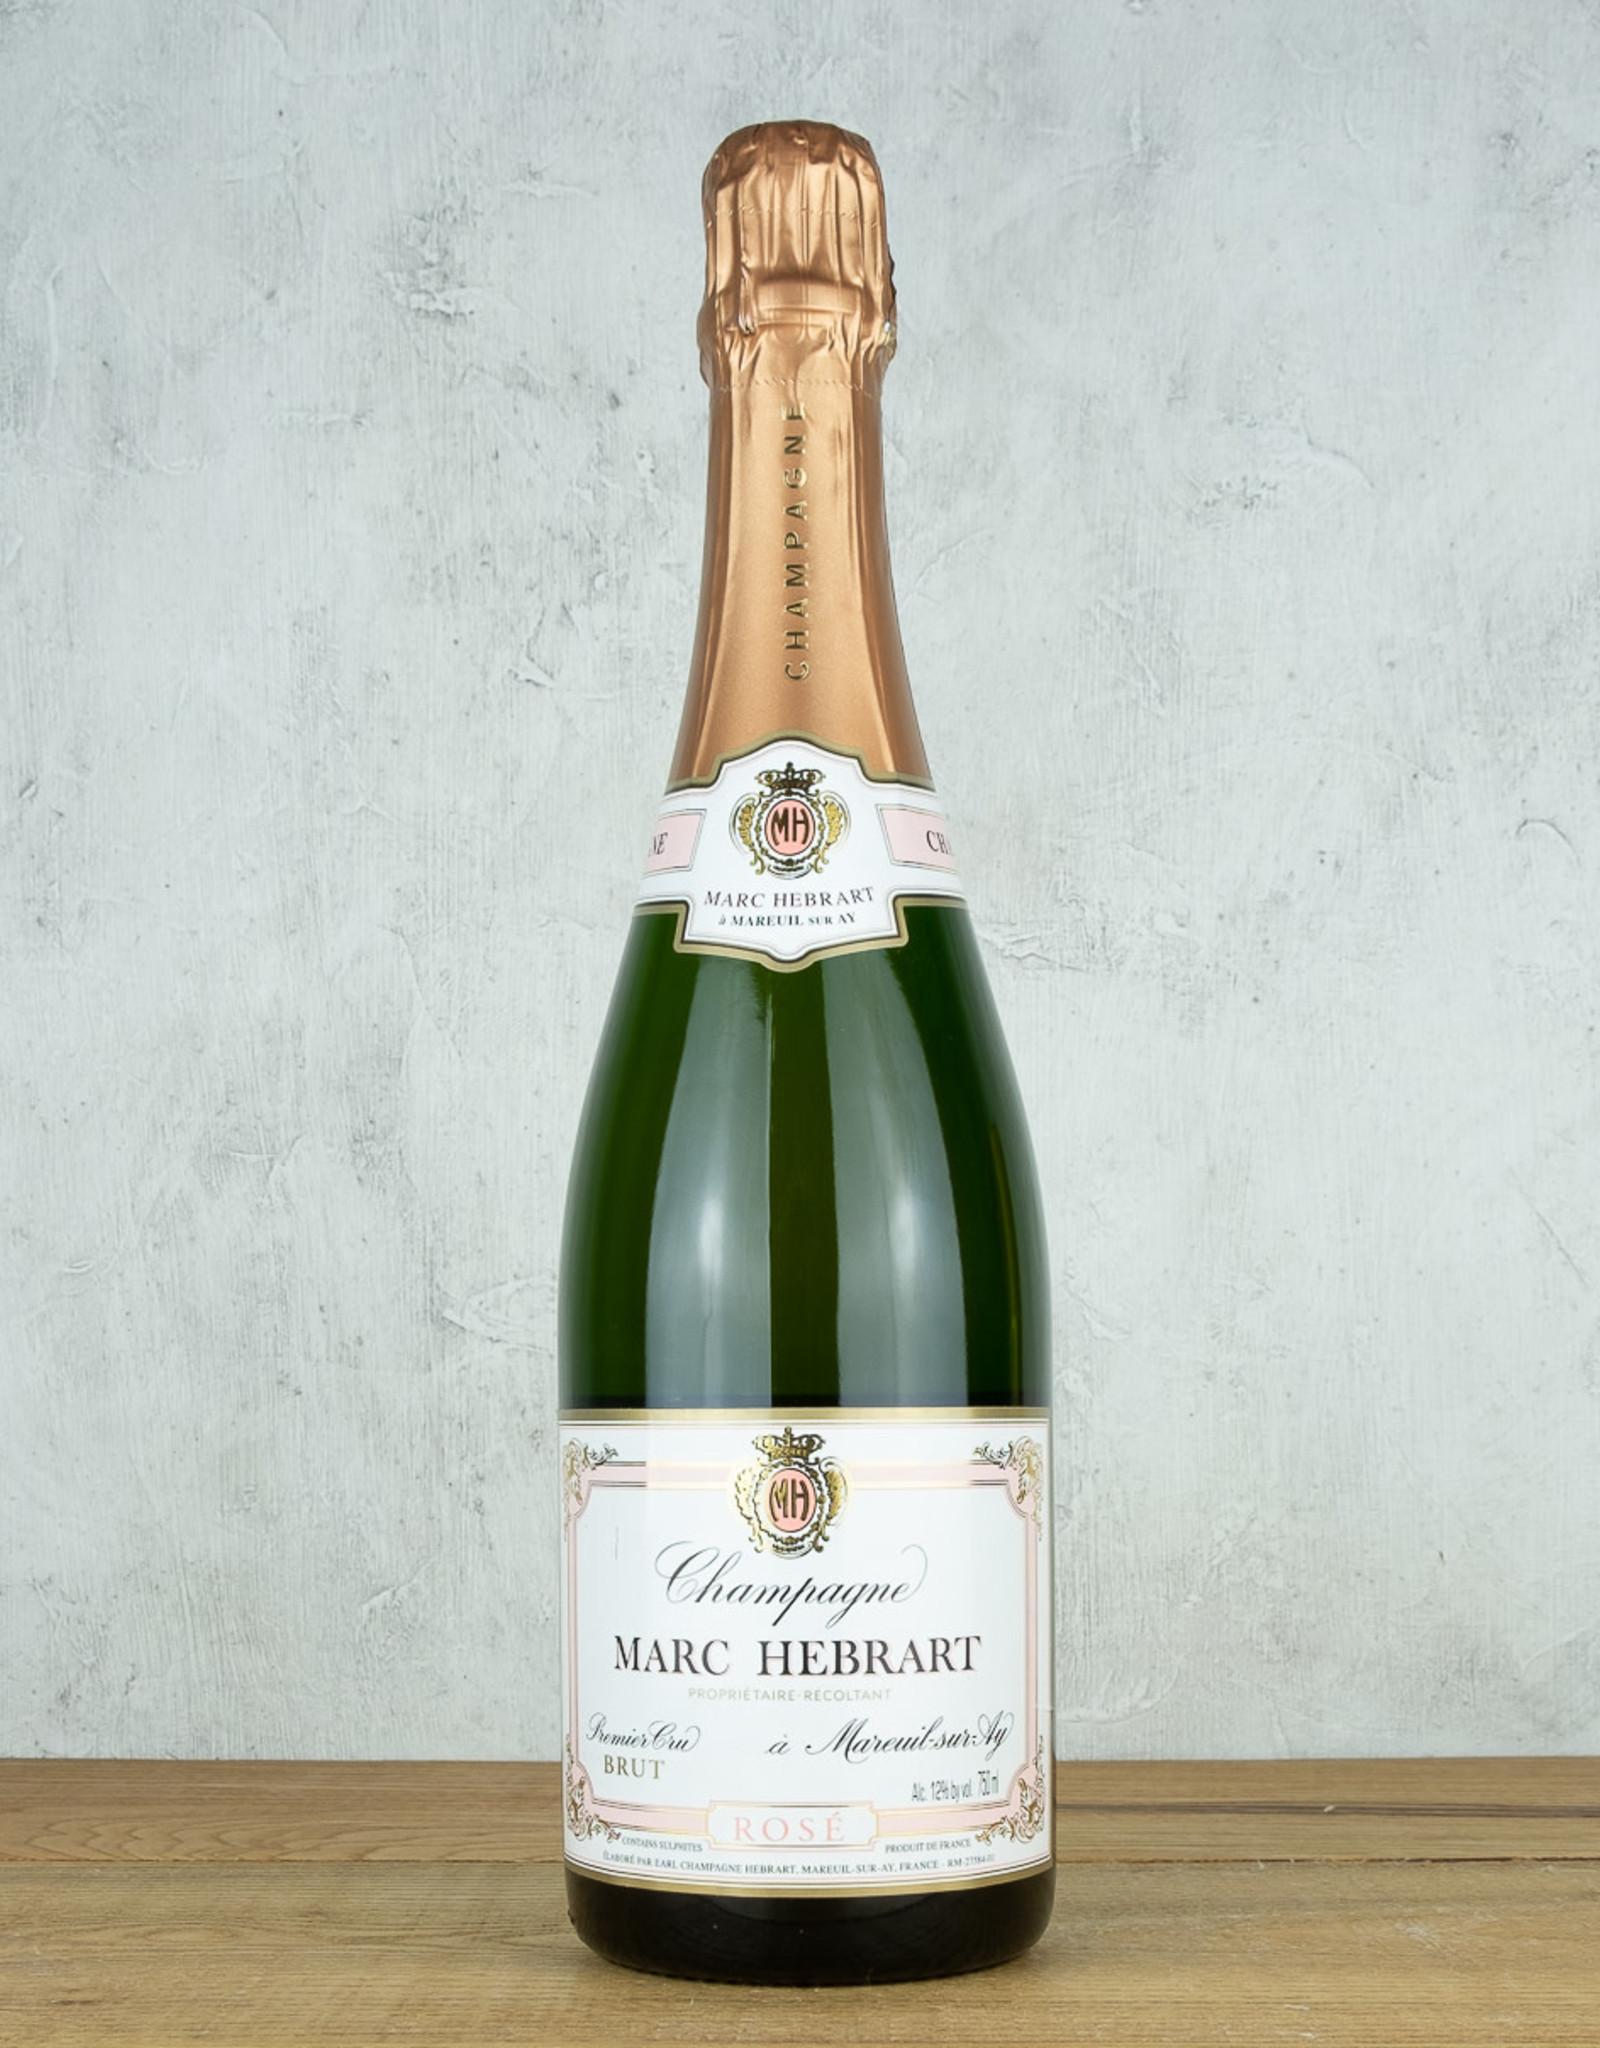 Champagne Marc Hebrart NV Brut Rose